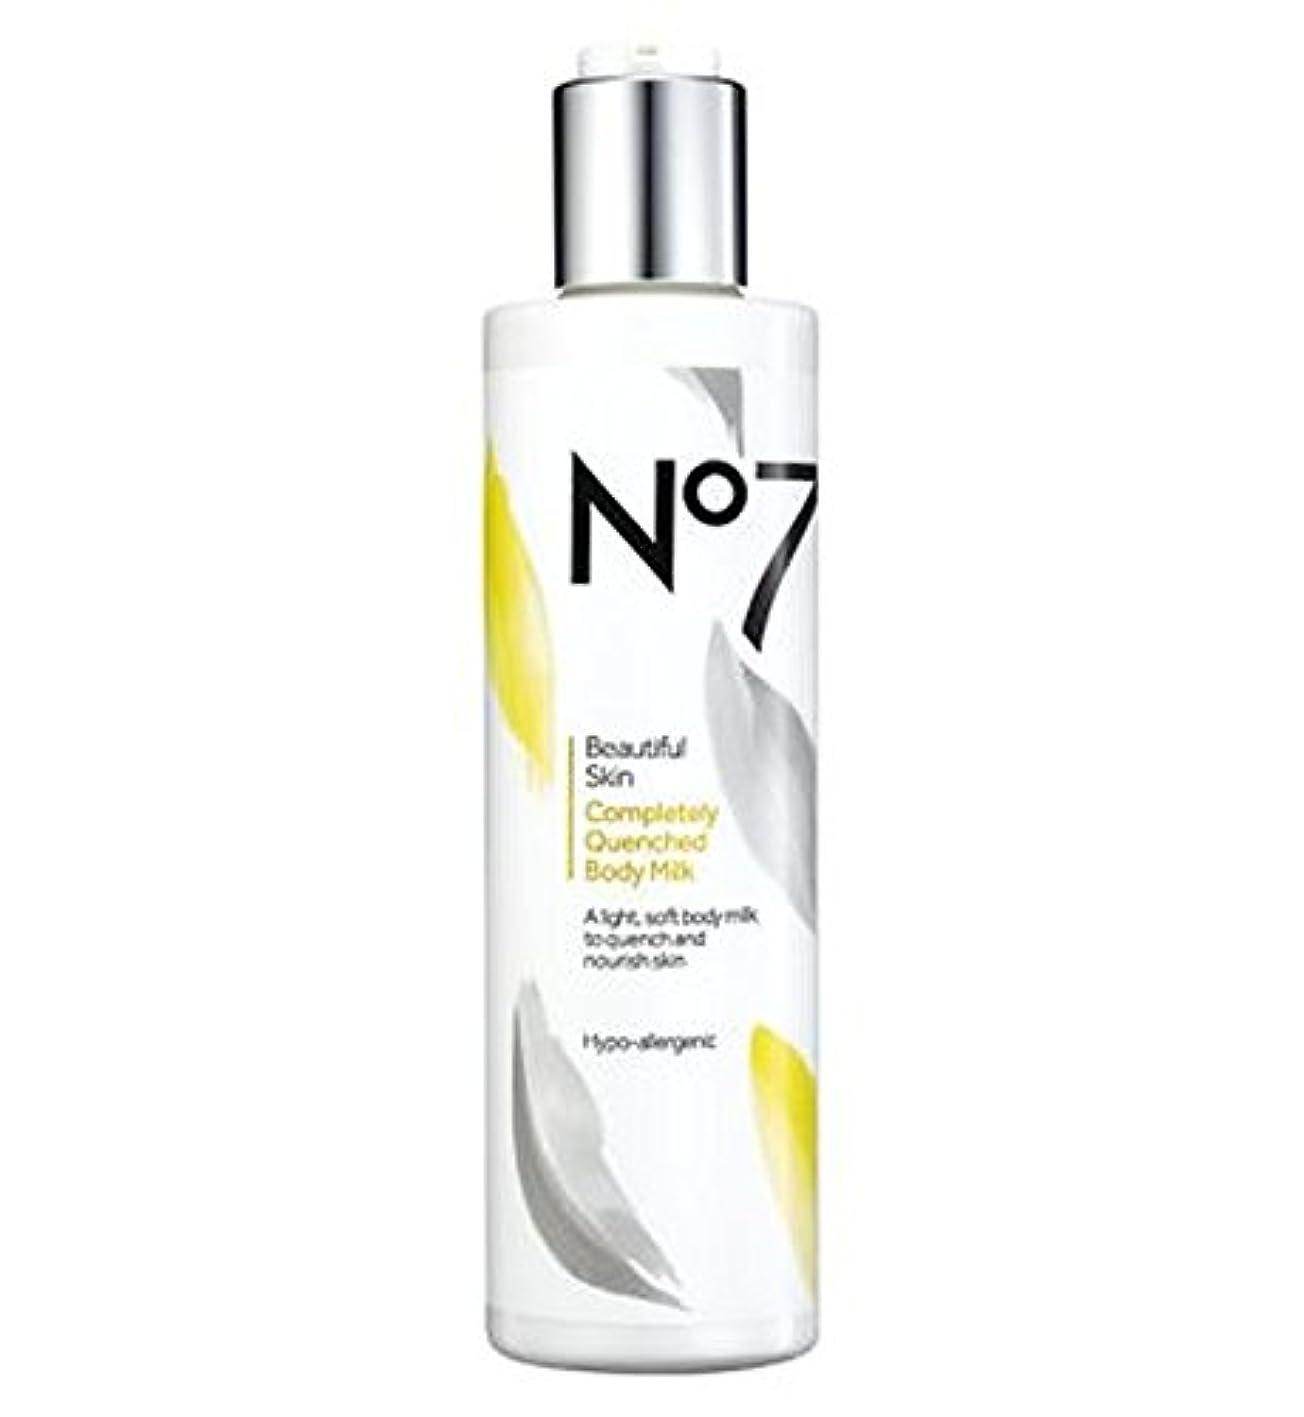 海嶺エンティティバーNo7美しい肌完全に急冷ボディミルク (No7) (x2) - No7 Beautiful Skin Completely Quenched Body Milk (Pack of 2) [並行輸入品]